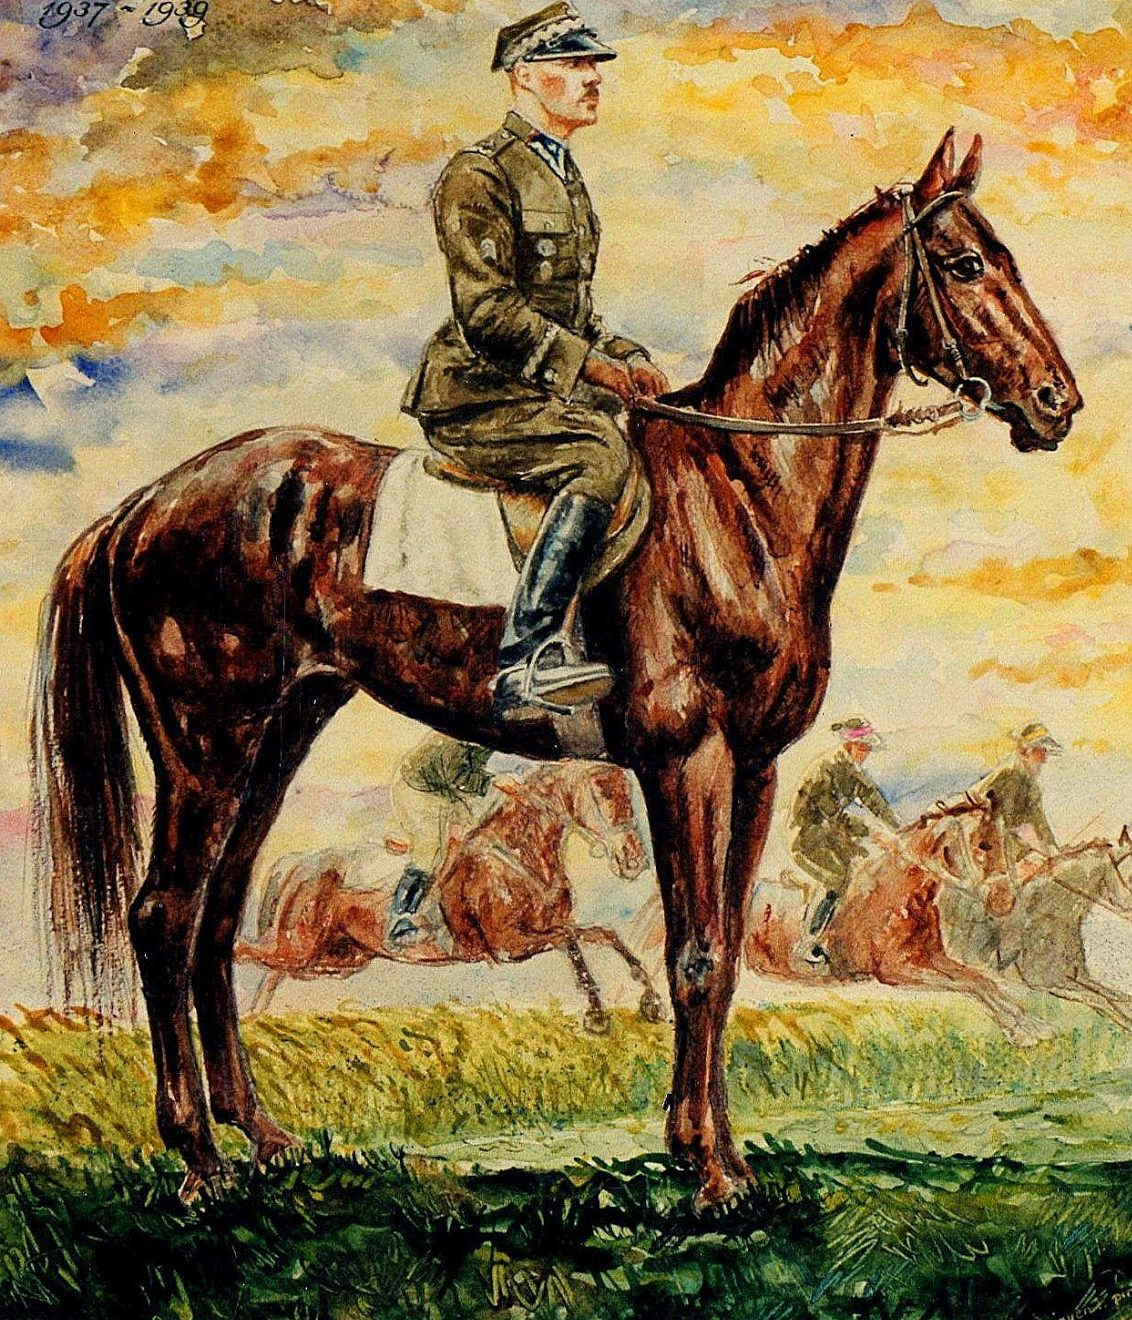 Walczak Zdzisław. Командир кавалерийской бригады Władysław Anders.